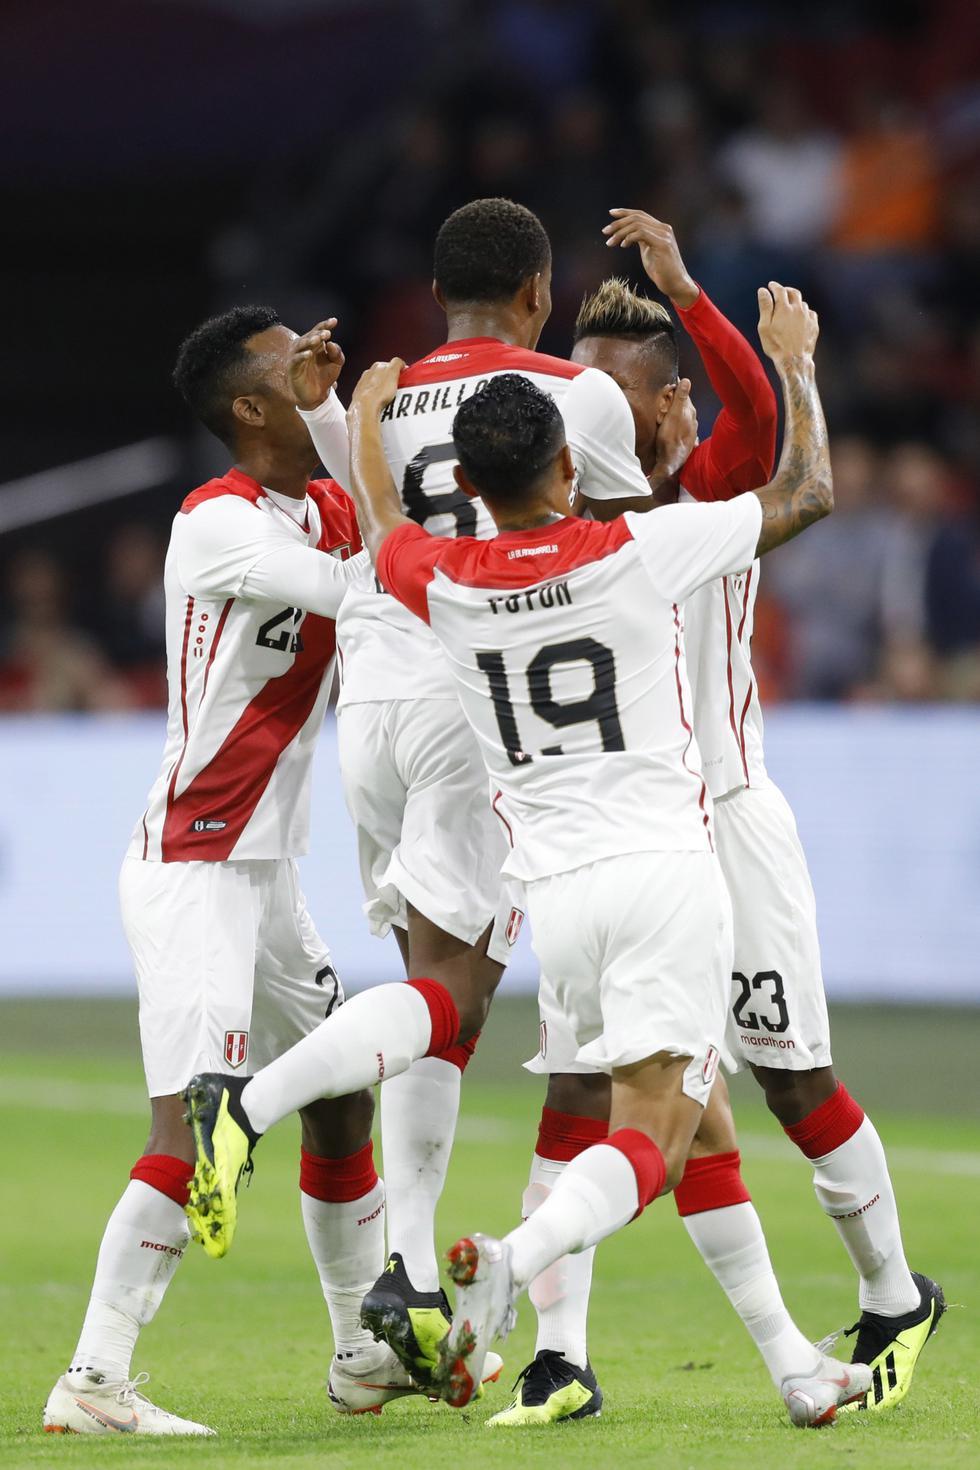 Perú vs. Holanda en el Johan Cruyff Arena. (AP)